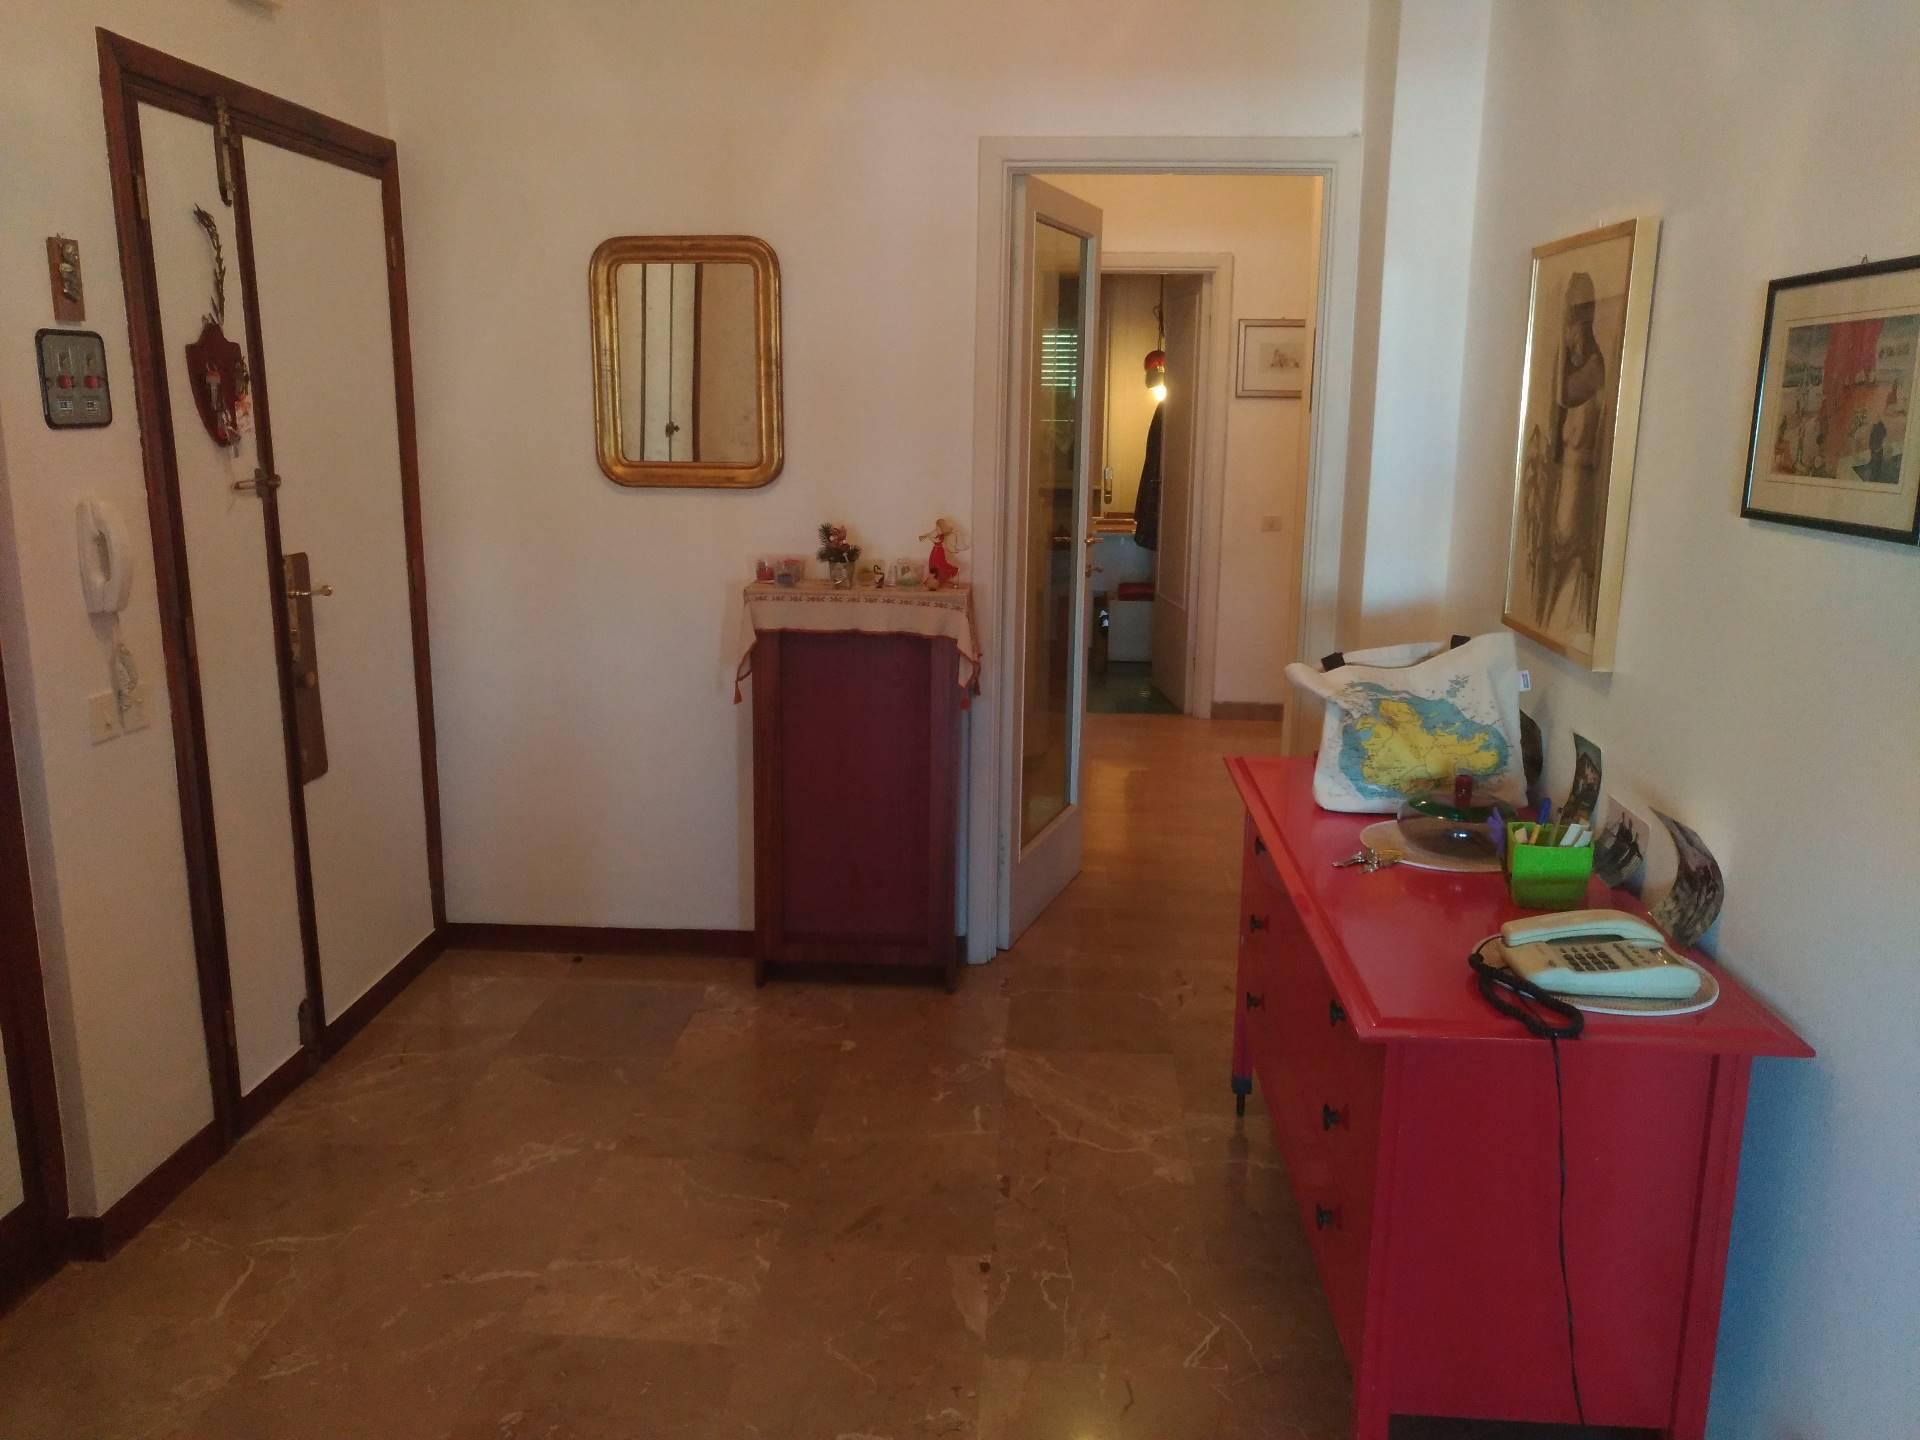 Appartamento in affitto a Ancona, 6 locali, zona Località: Q.Adriatico, prezzo € 815 | CambioCasa.it